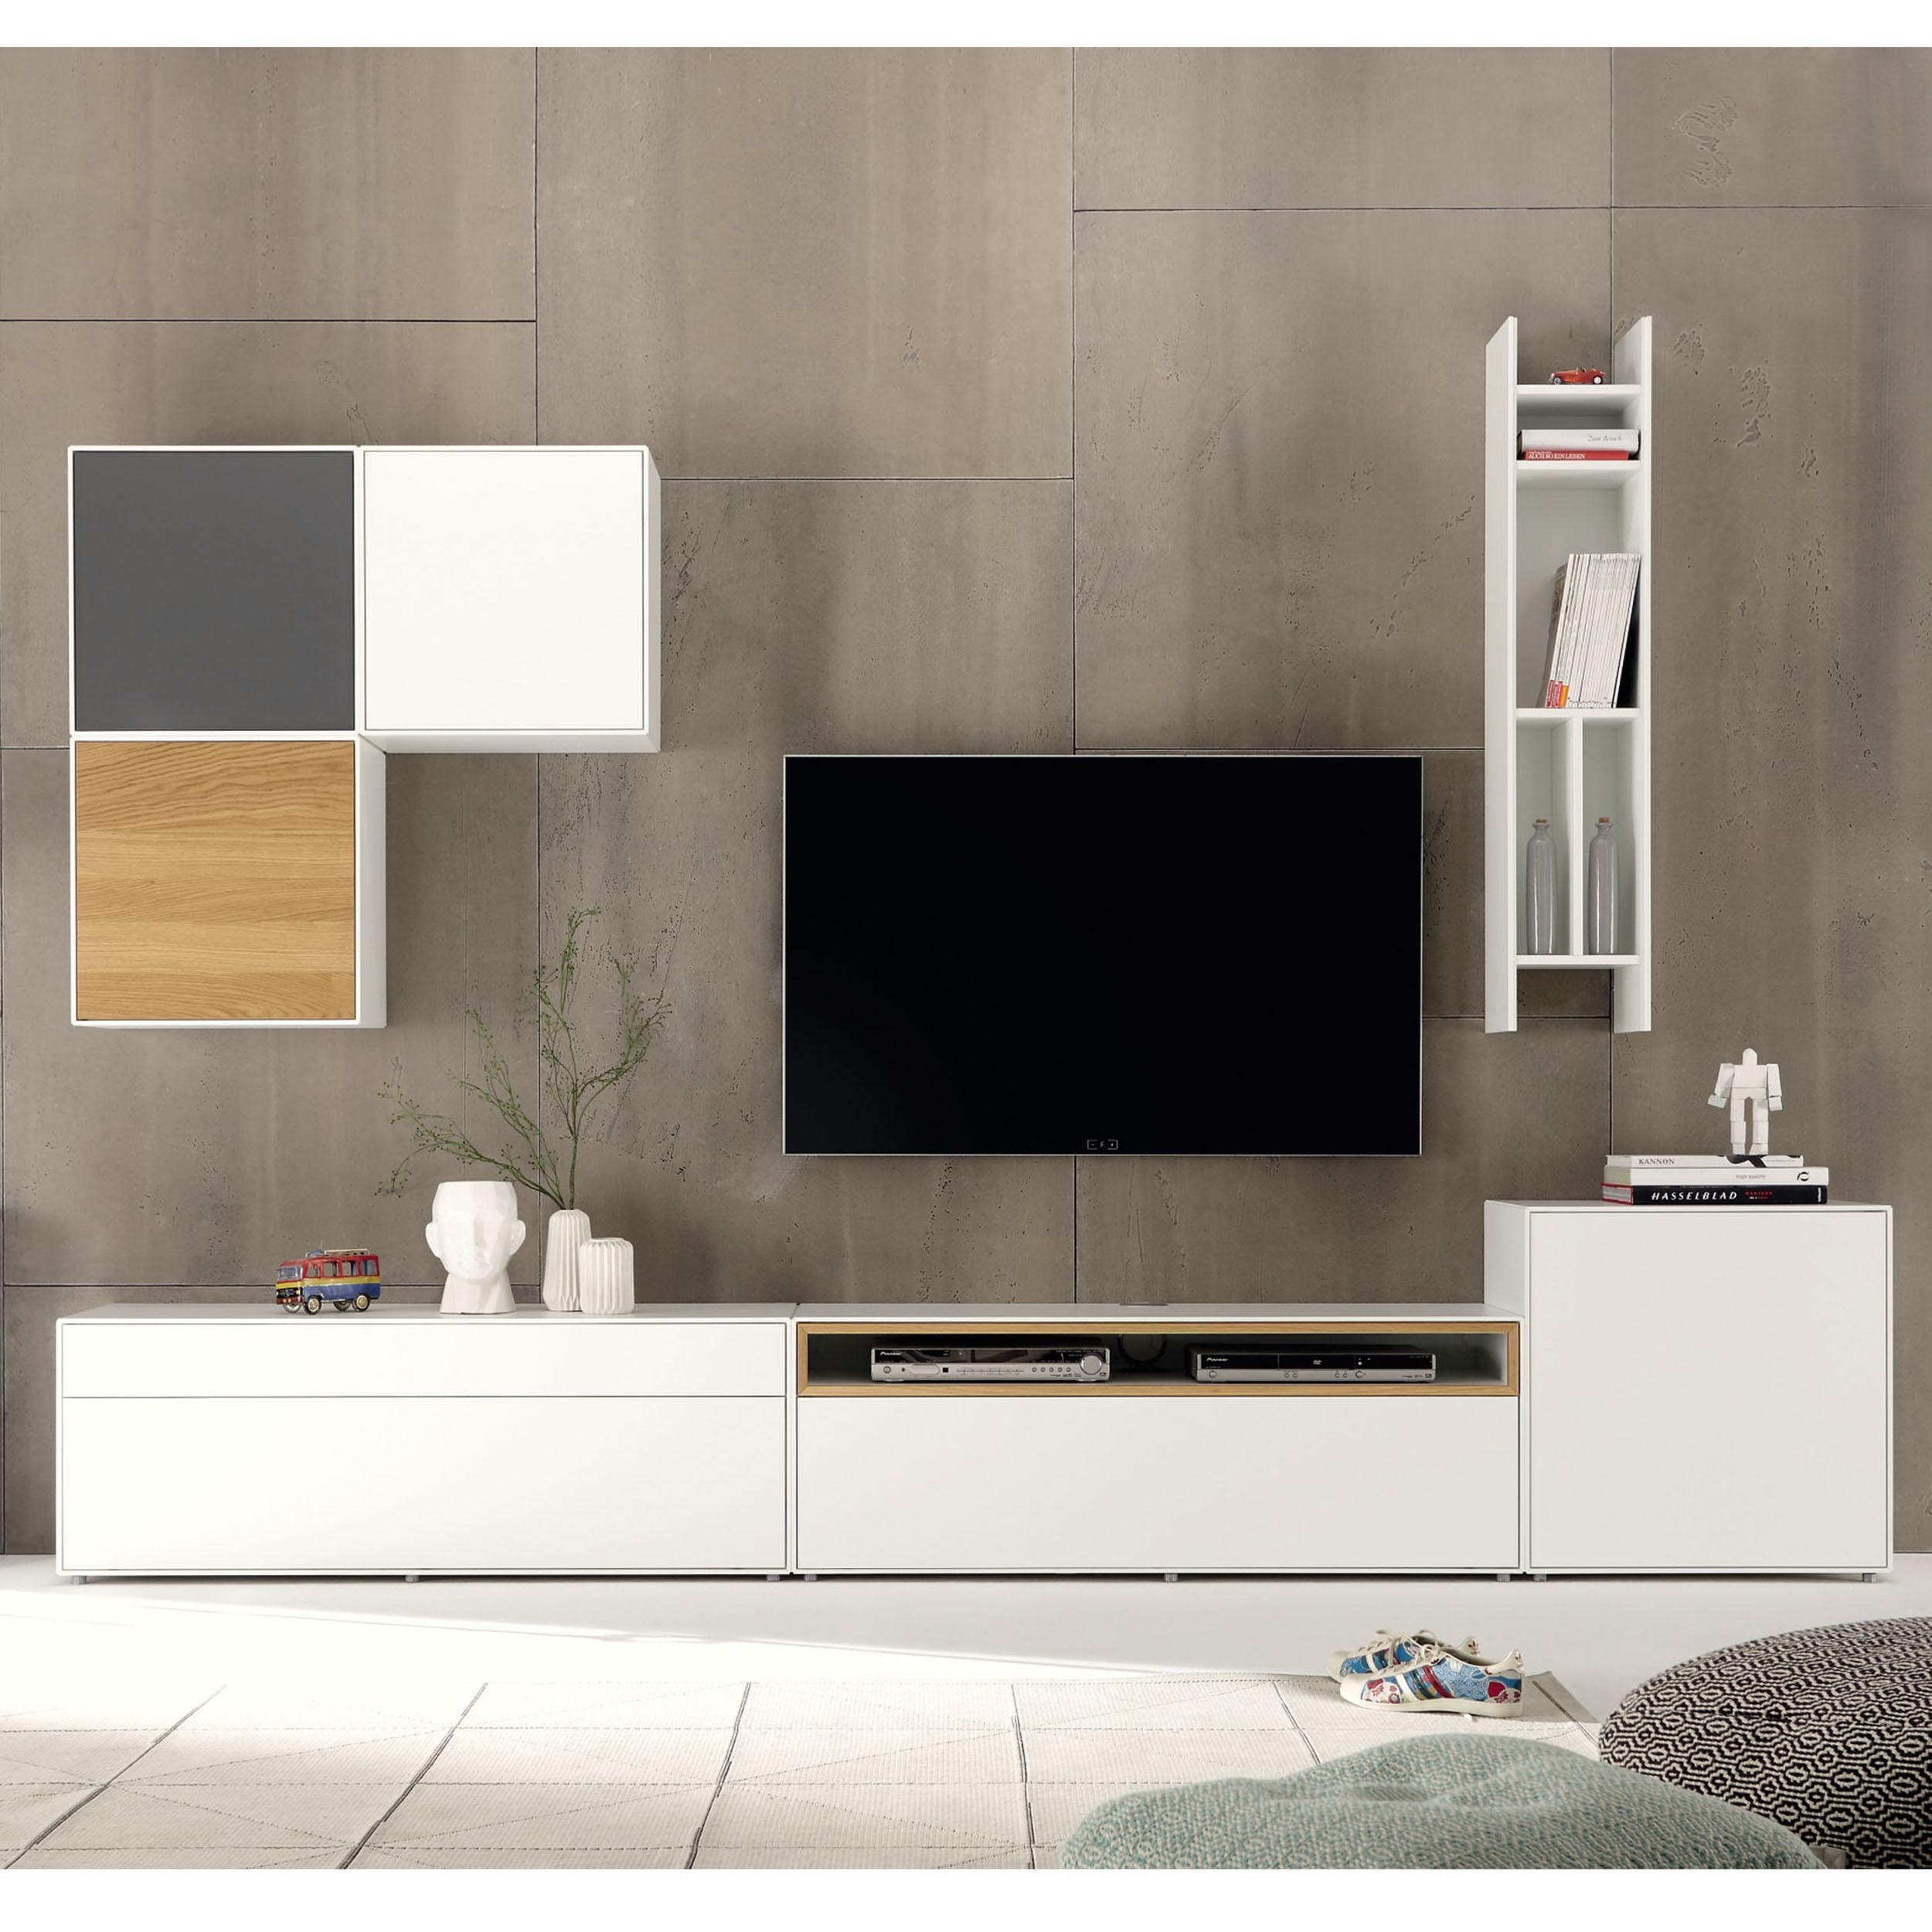 wandregal • bilder & ideen • couchstyle, Wohnzimmer